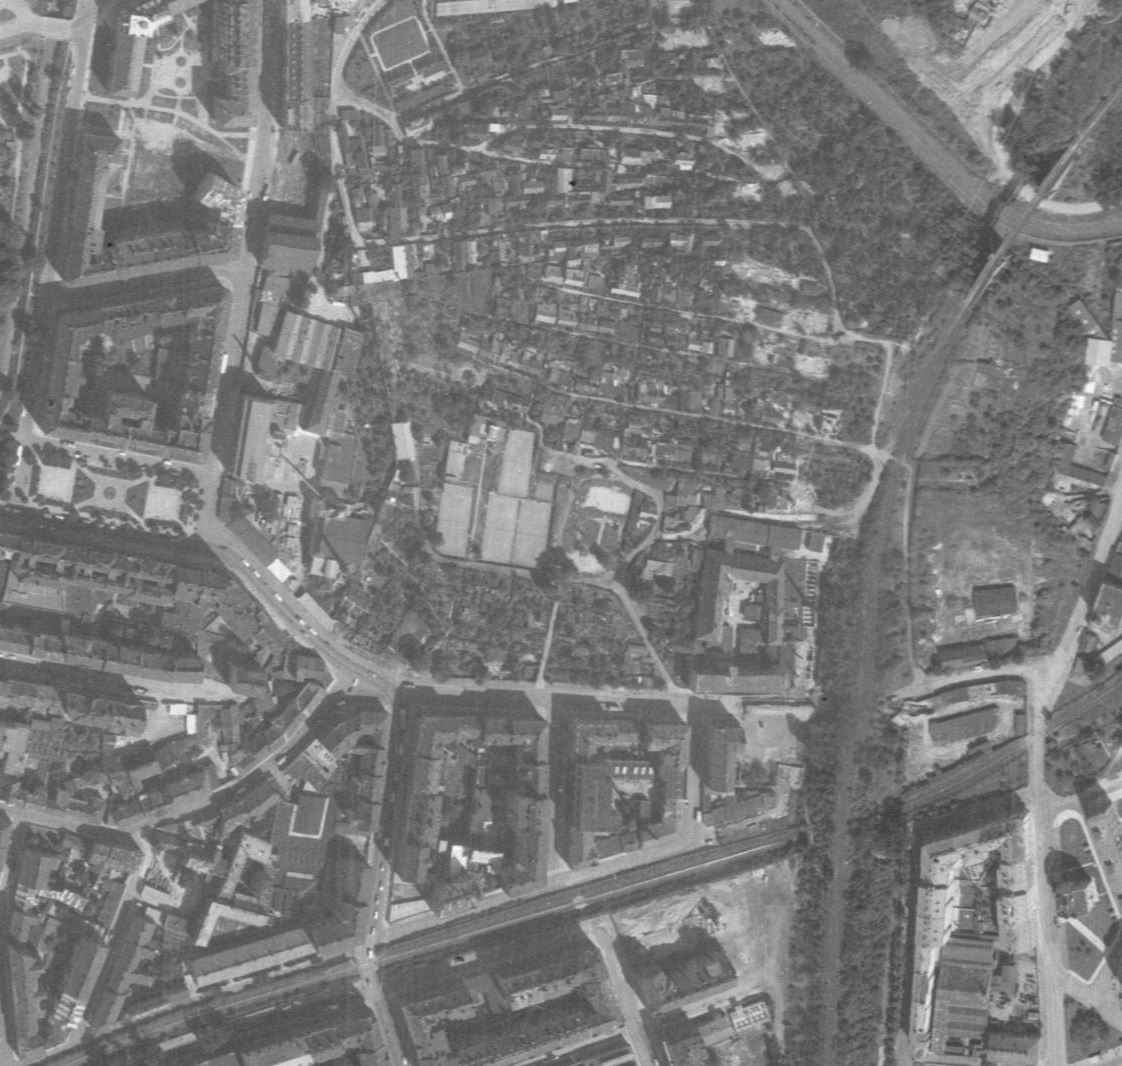 nouzova-kolonie-na-kotlasce-letecky-snimek-1966